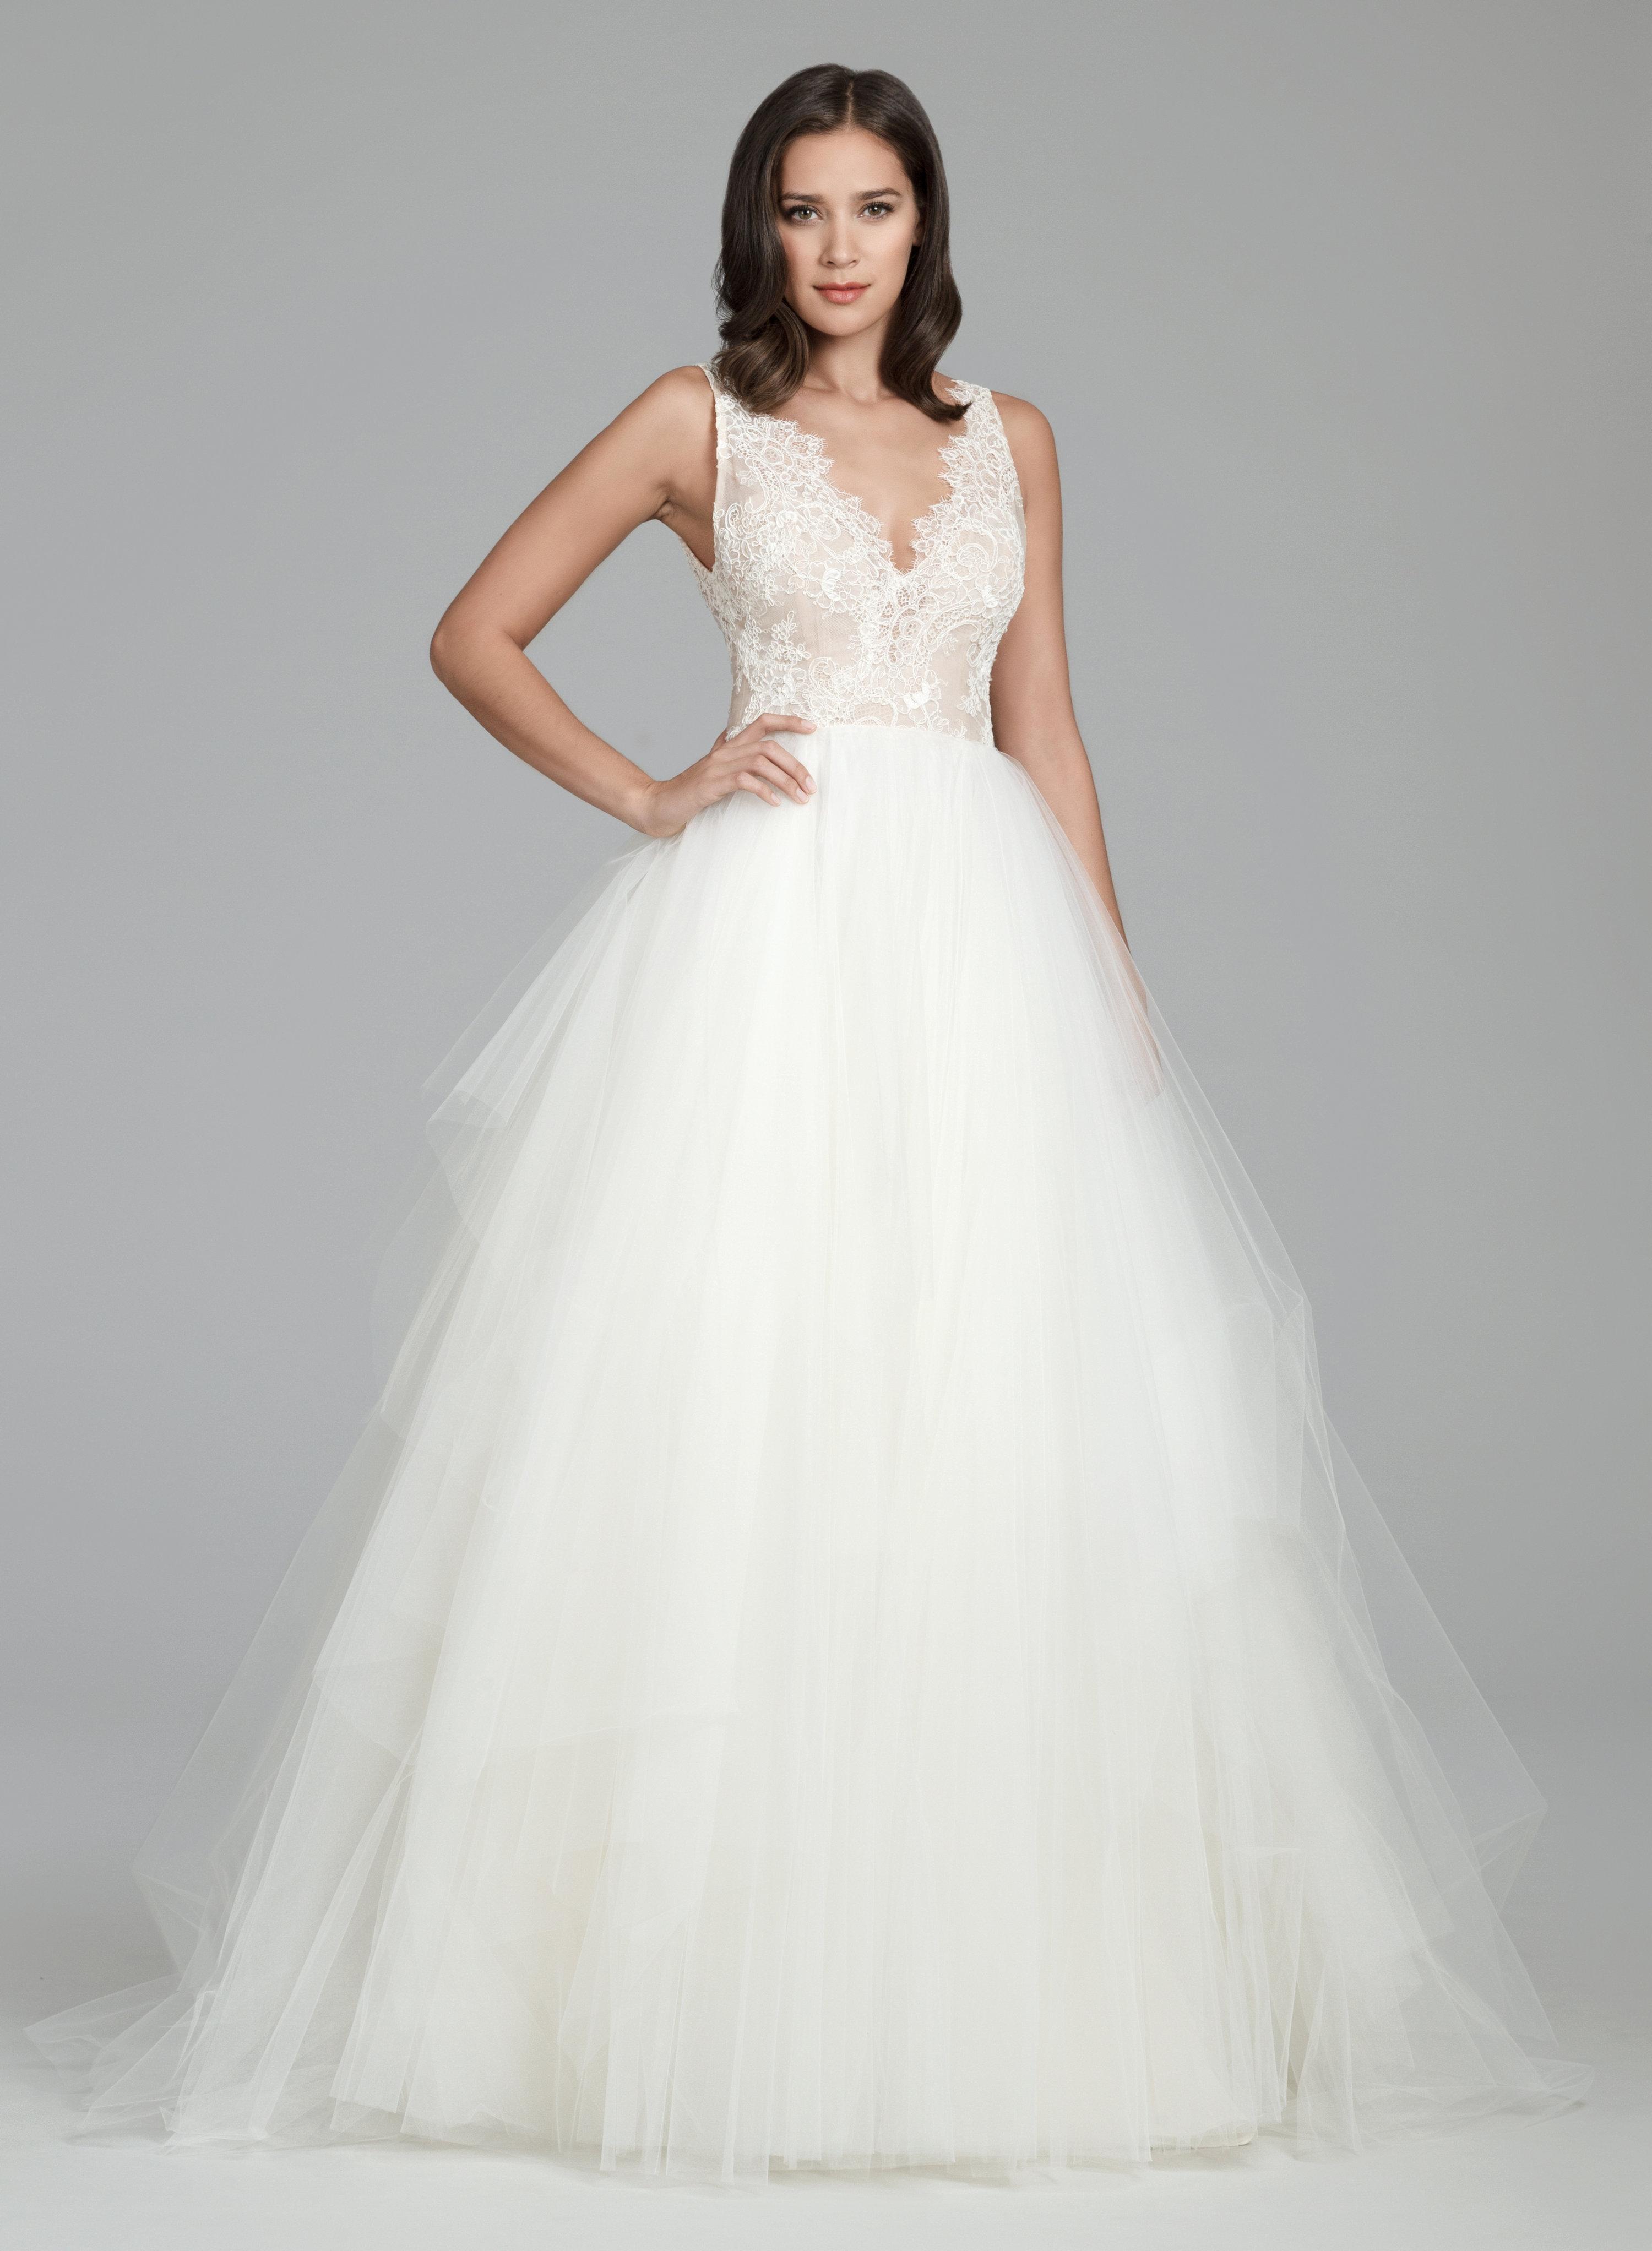 Scalloped V-neck Sleeveless Natural Waist Ballgown Wedding Dress ...